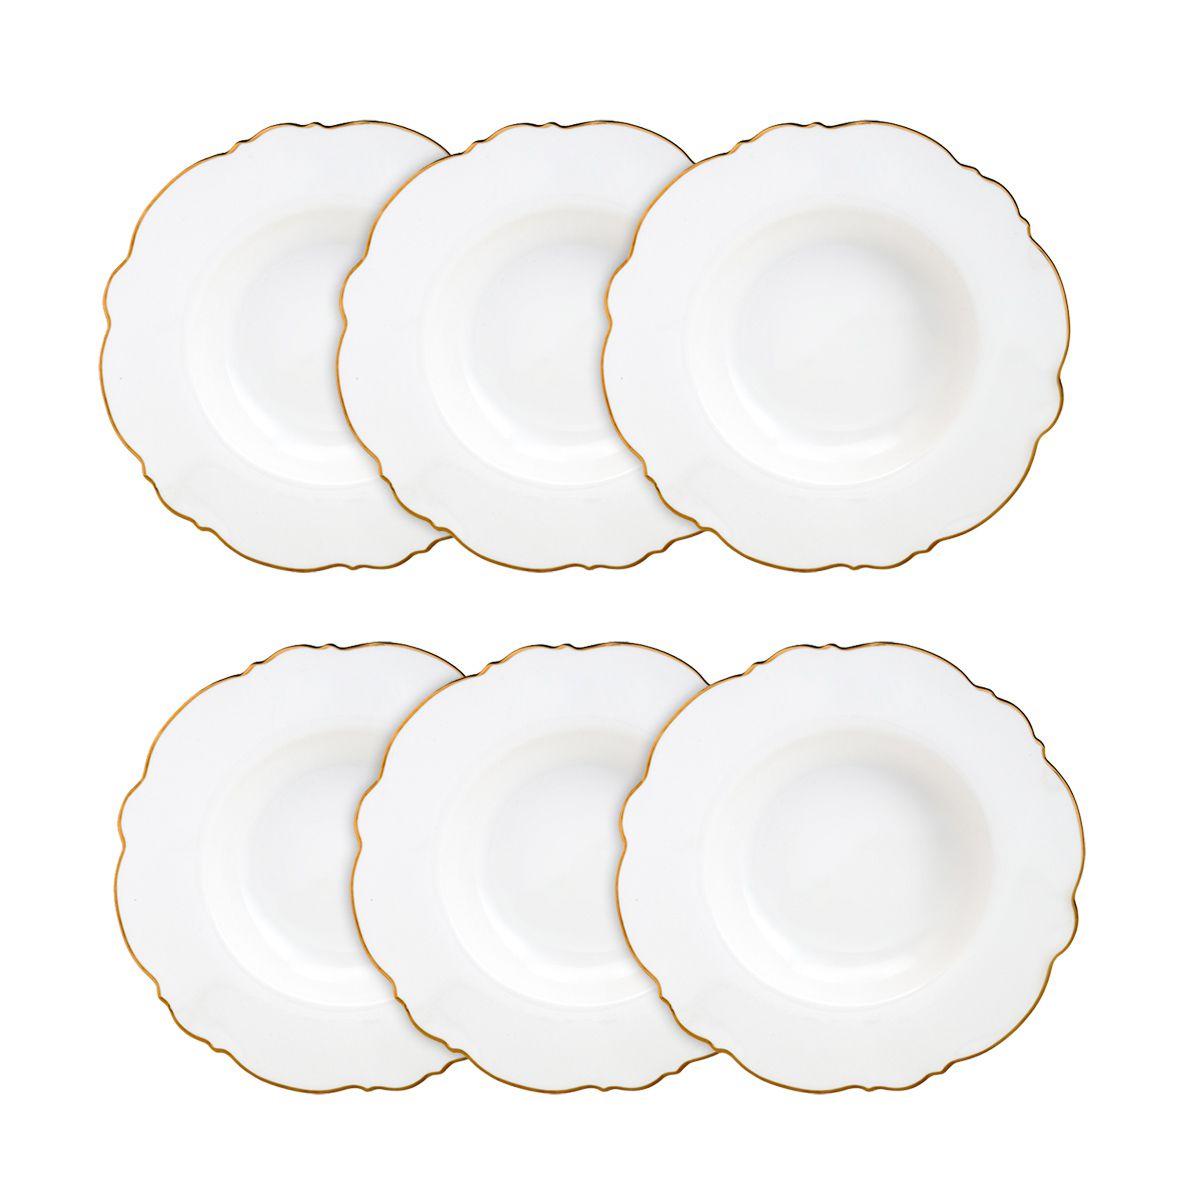 Jogo 6 pratos fundos 23 cm de porcelana branca com fio dourado Maldivas Wolff - 35372